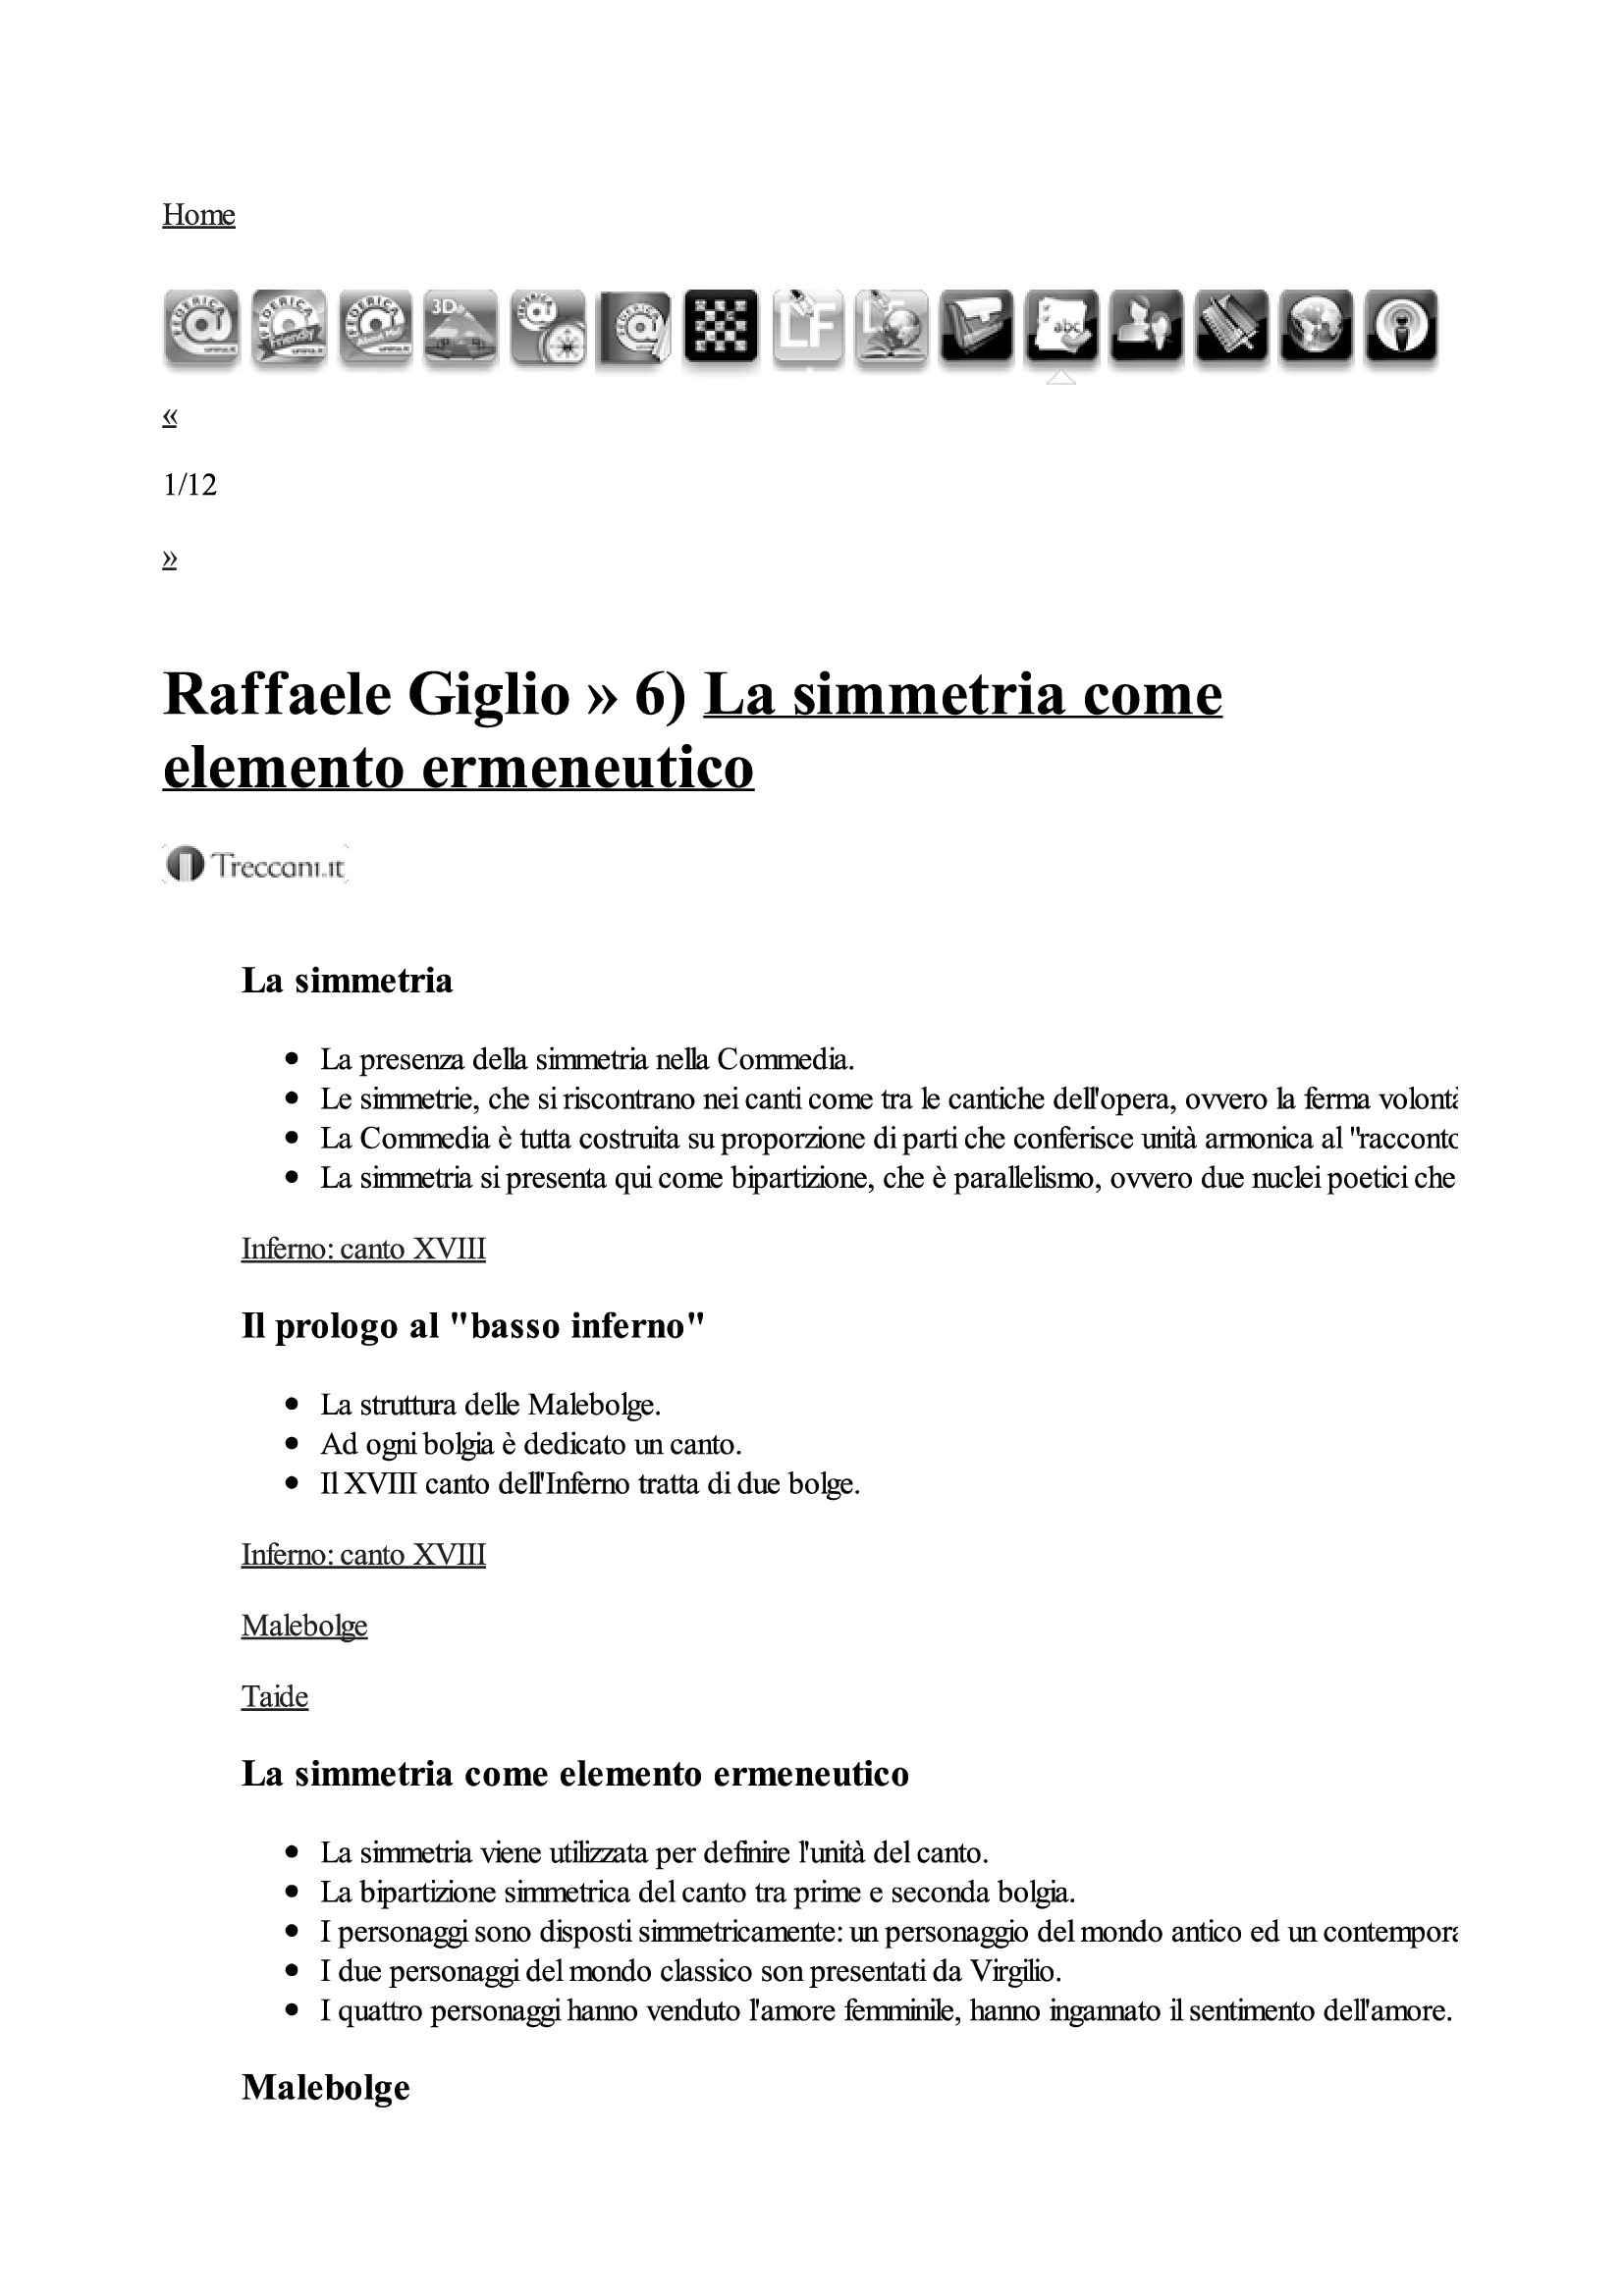 Dante: simmetria come elemento ermeneutico